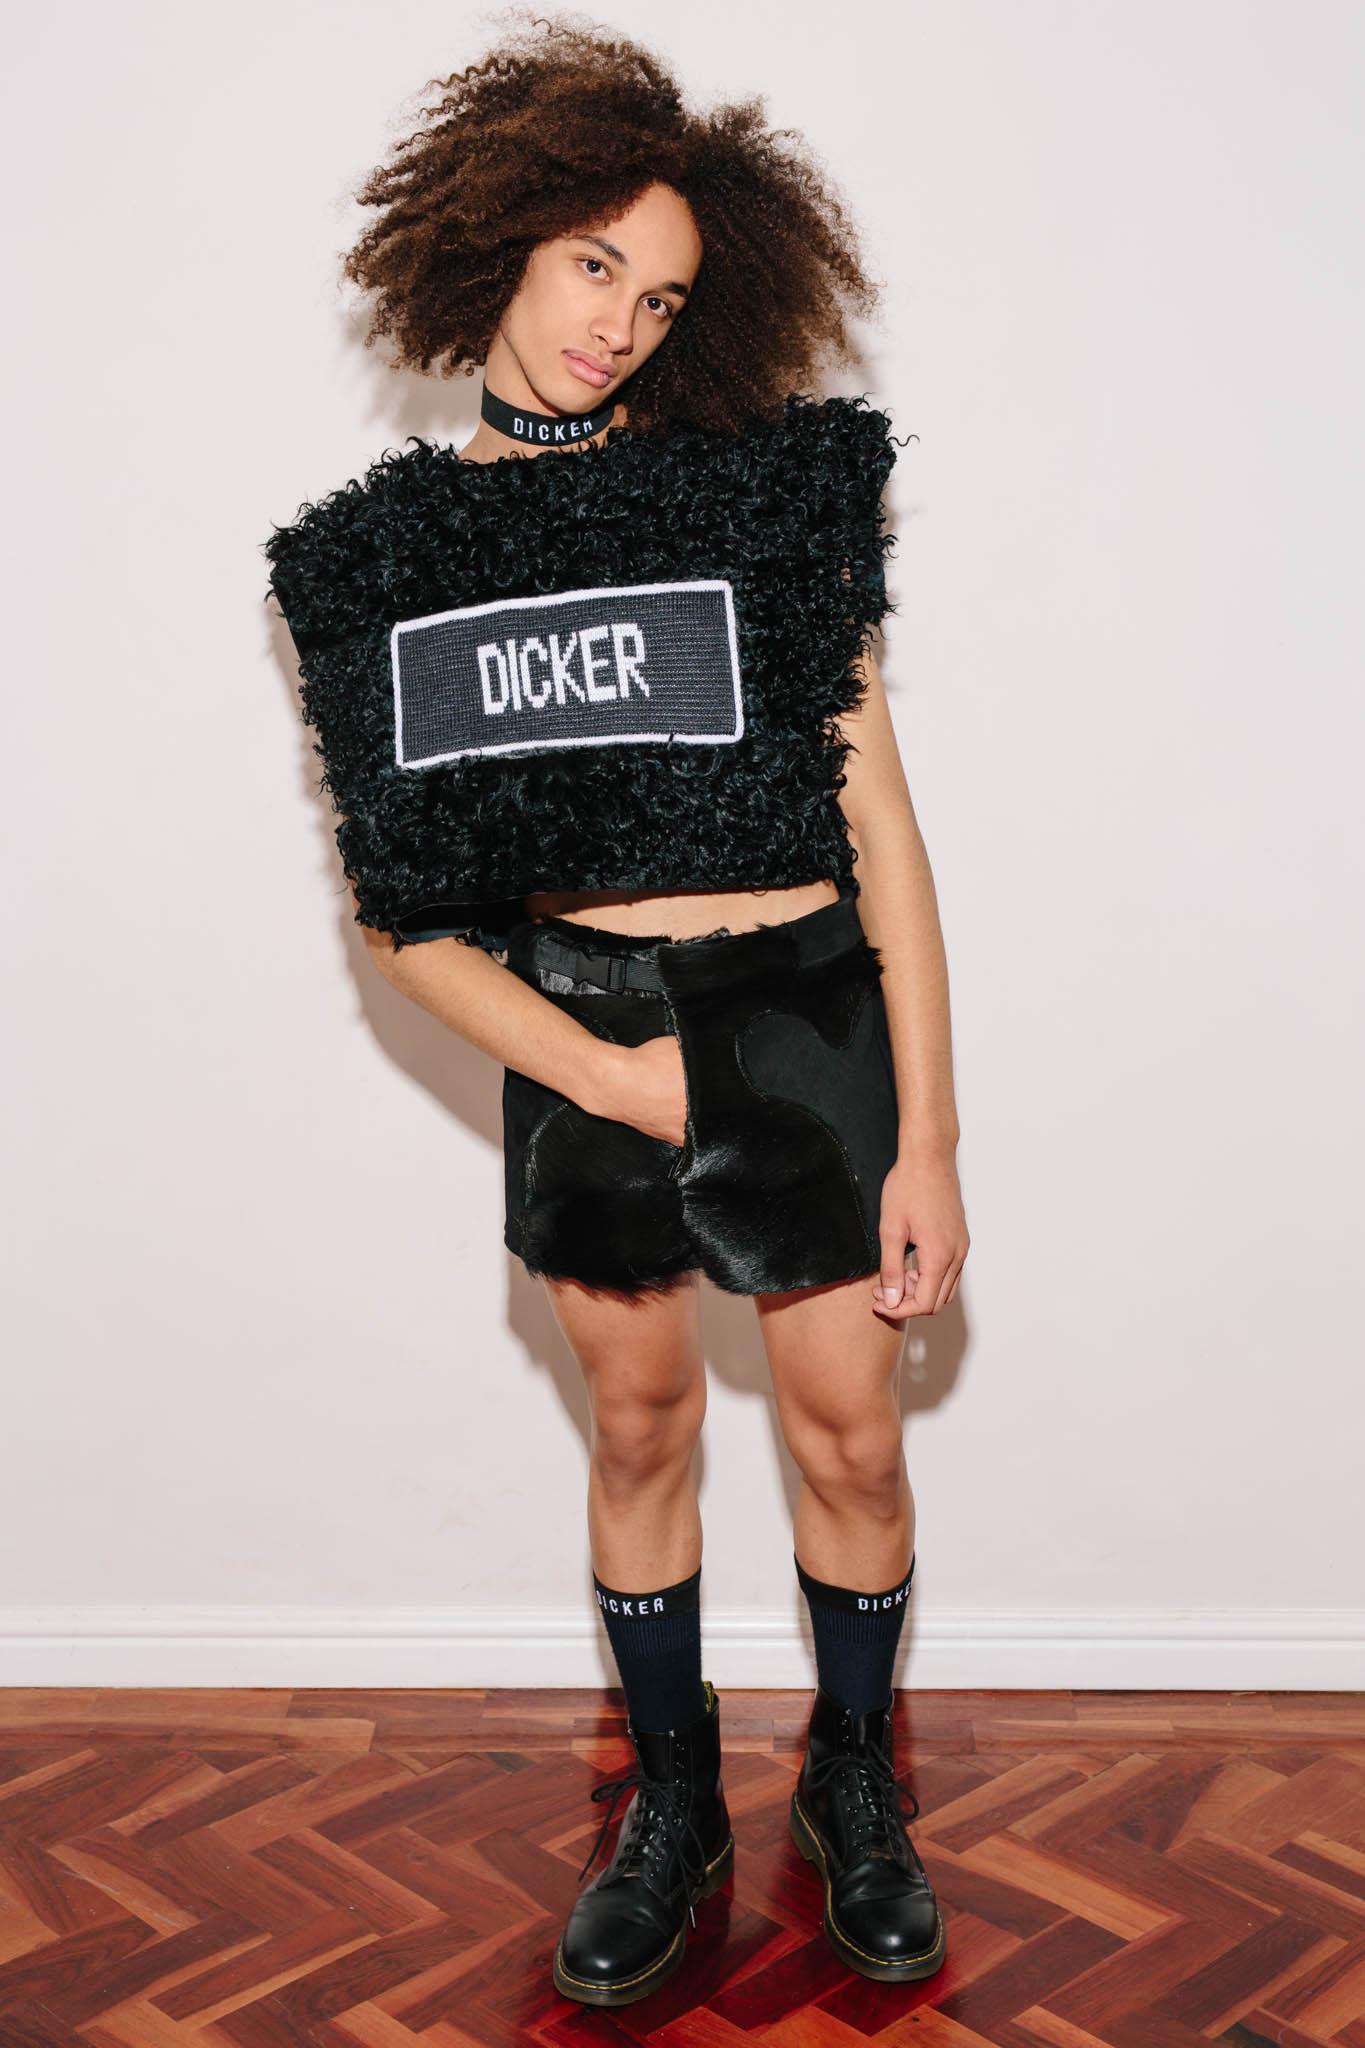 Dicker-2